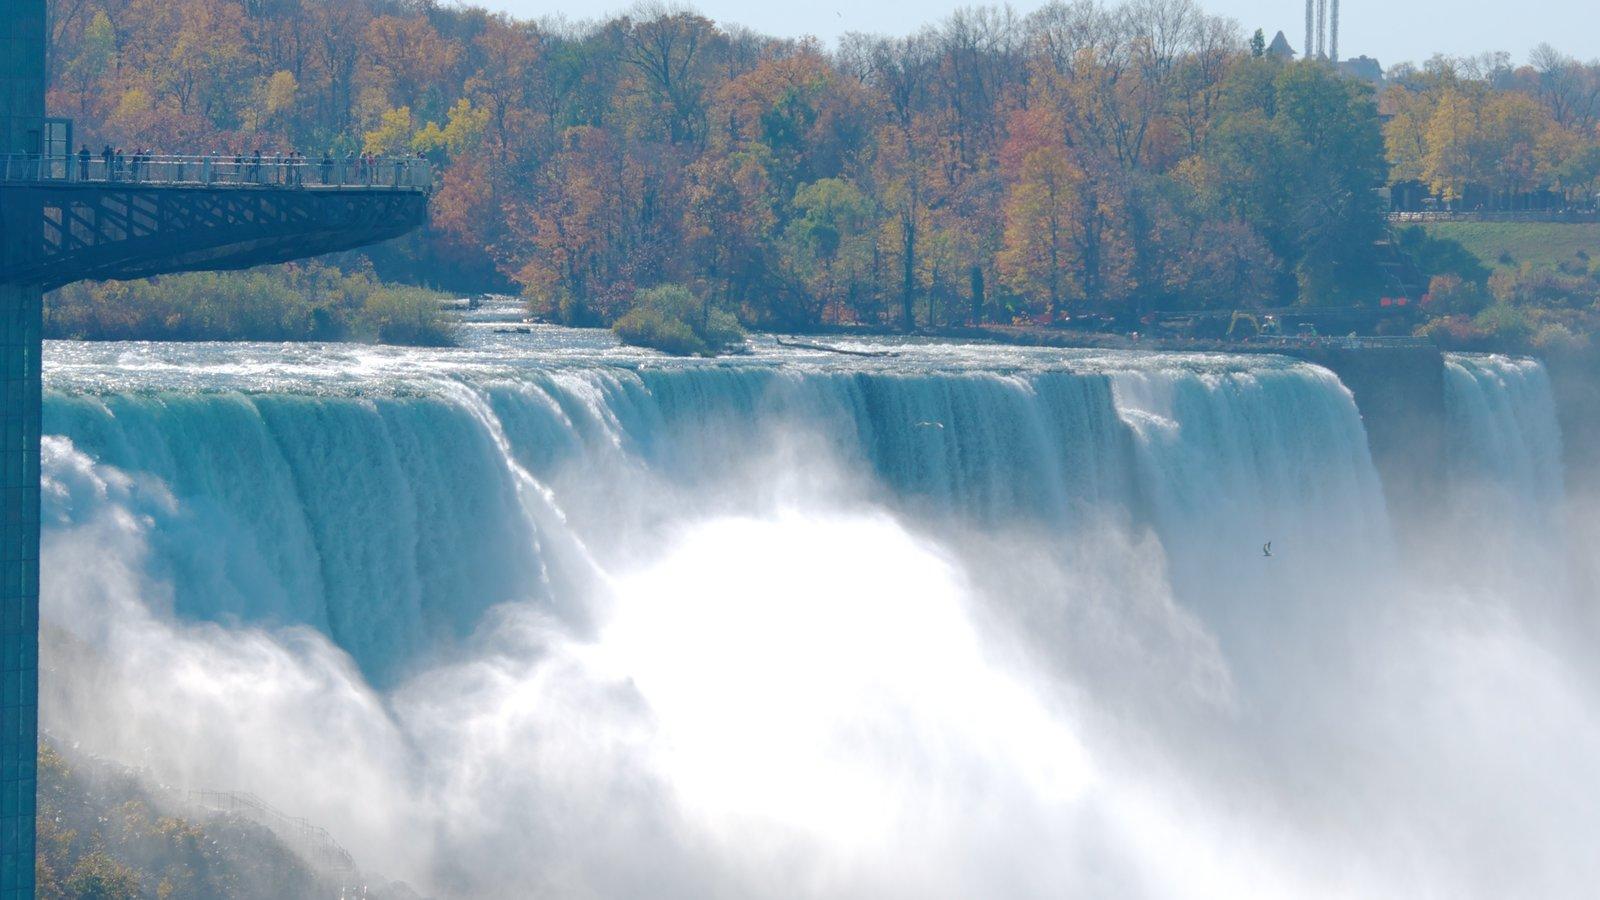 Bridal Veil Falls caracterizando folhas de outono, bungee jump e uma cachoeira